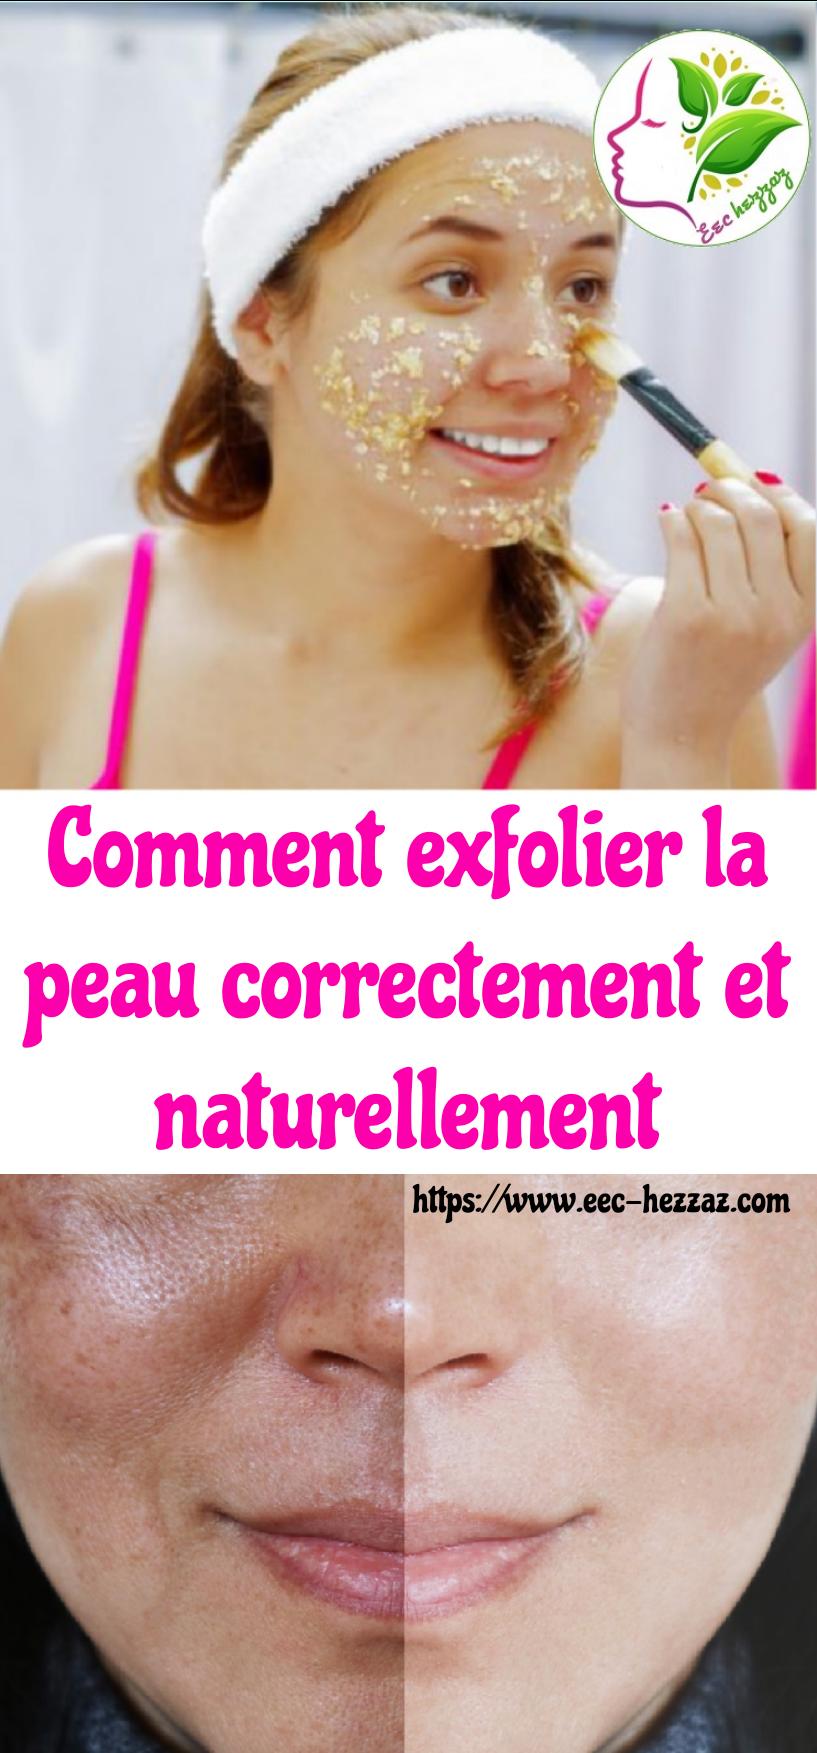 Comment exfolier la peau correctement et naturellementComment exfolier la peau correctement et naturellement